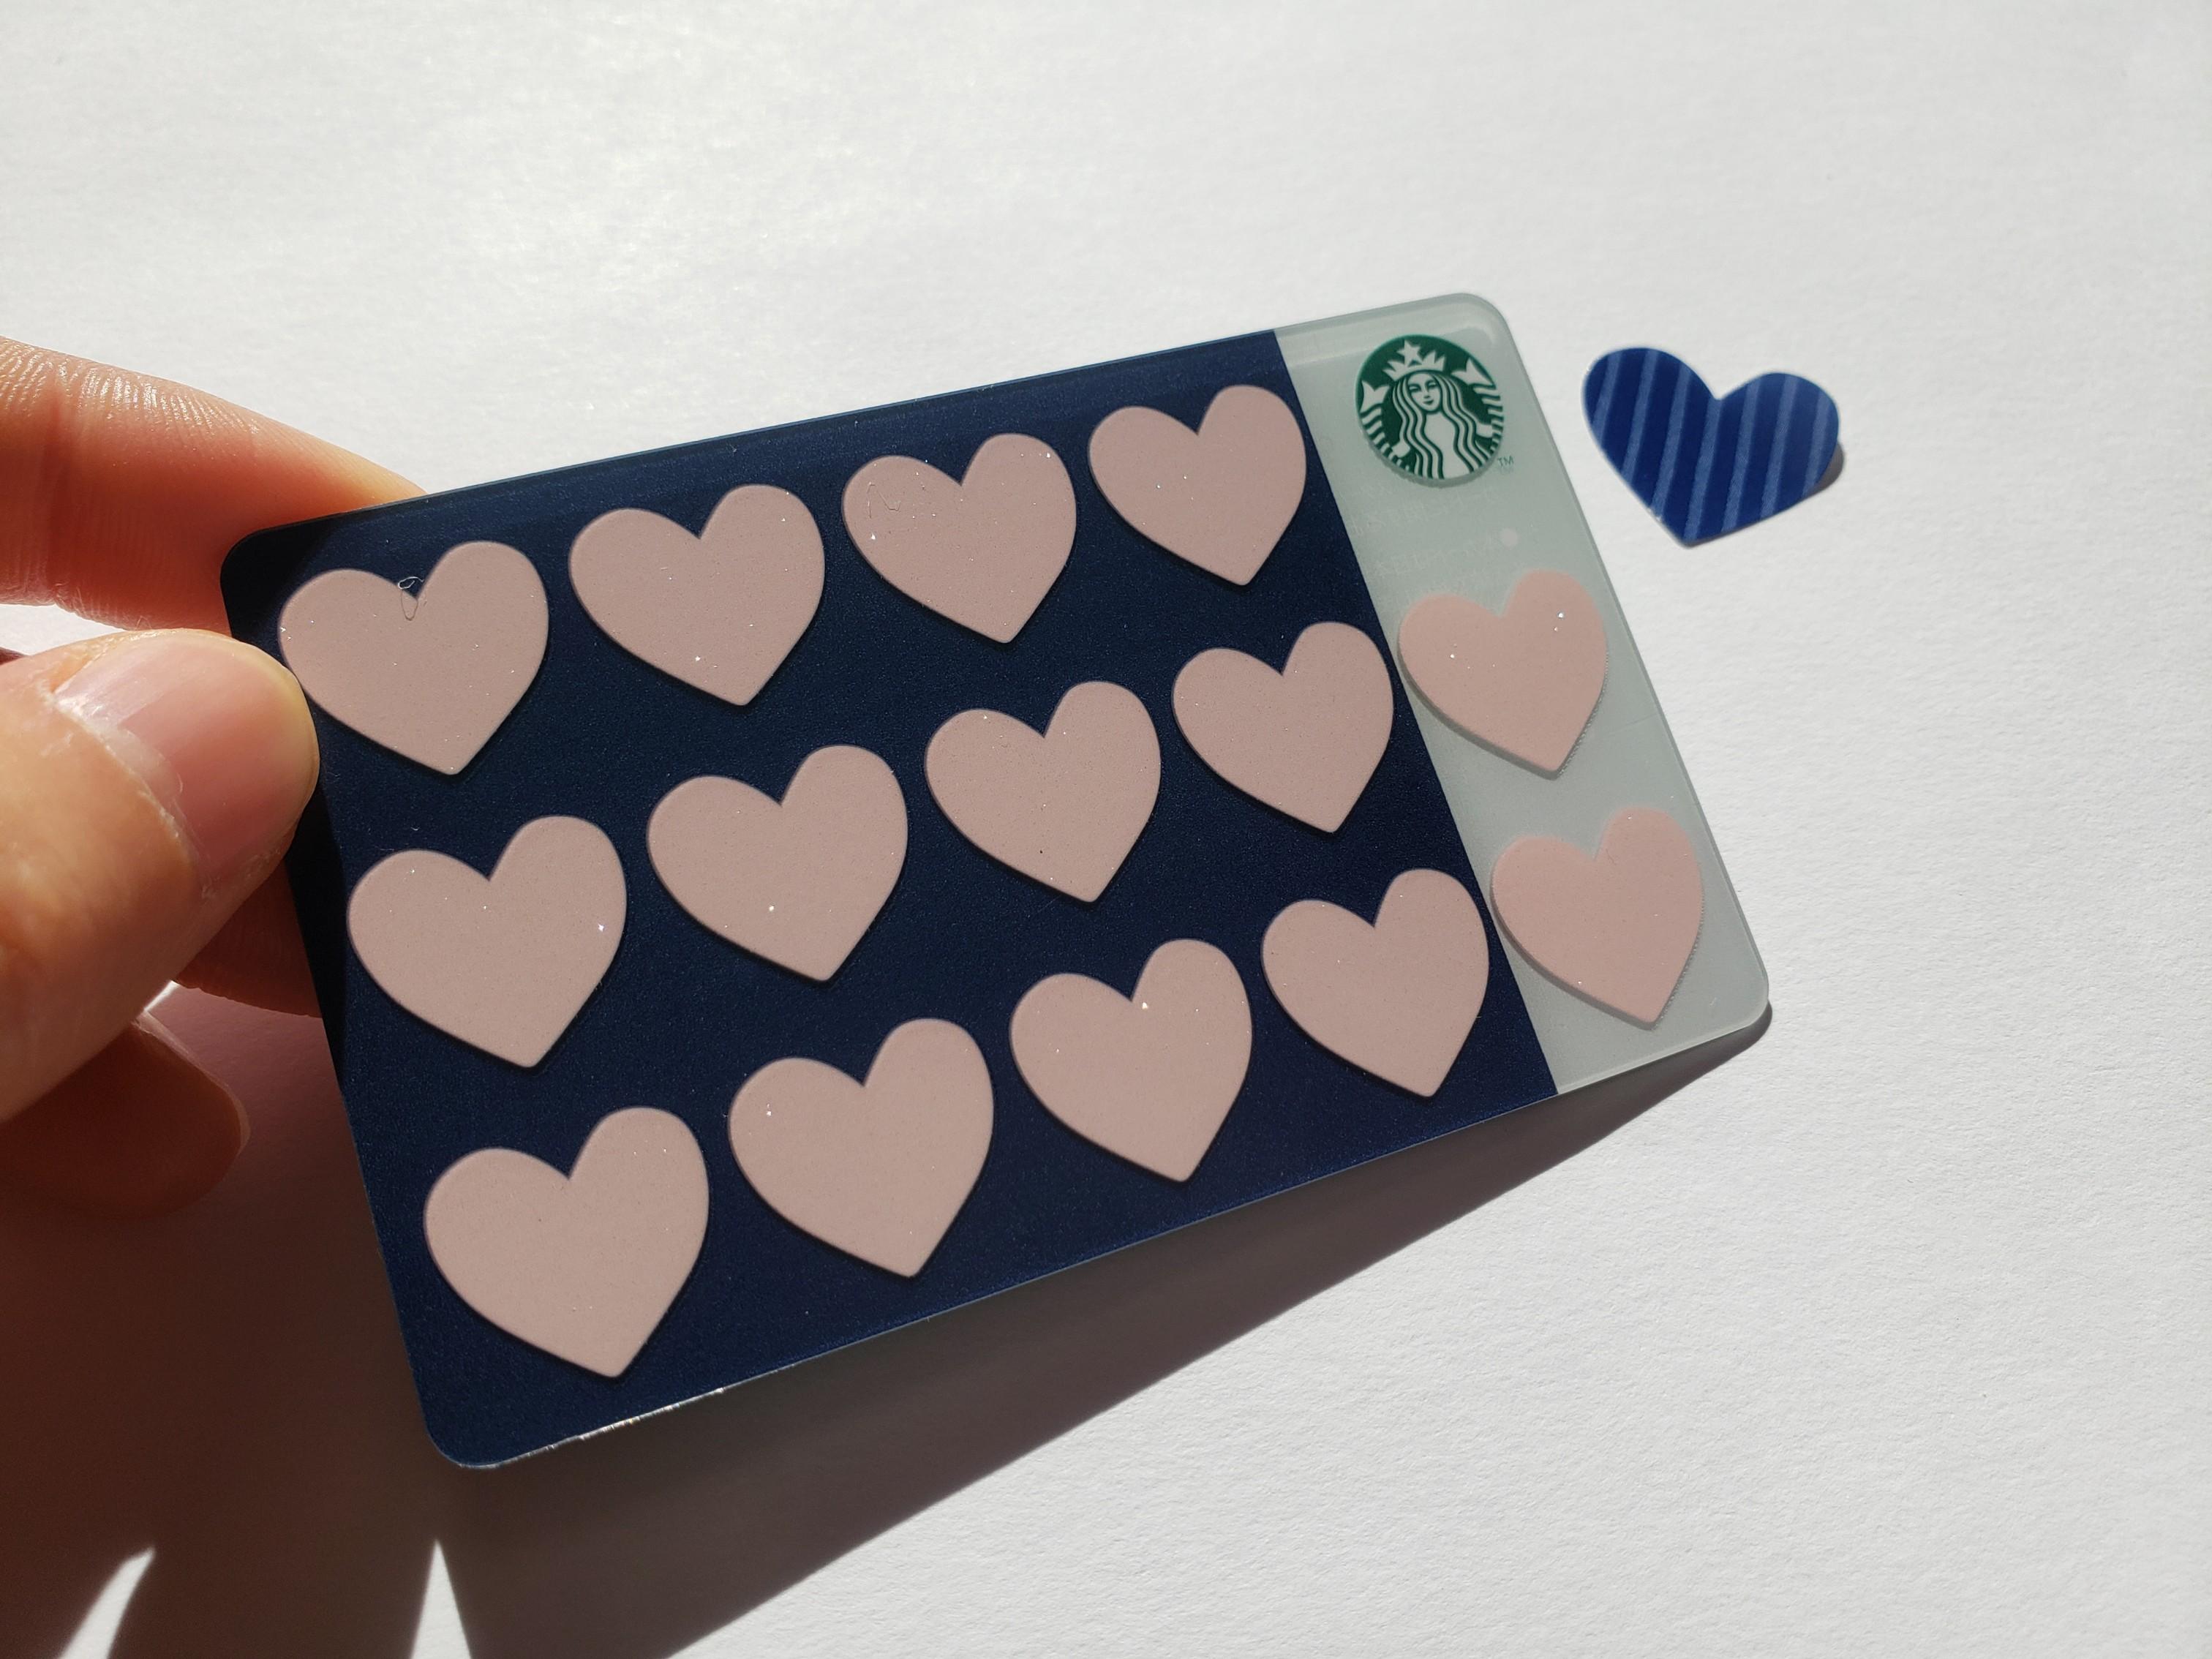 《スタバカード》可愛すぎる♡レジ横残ってれば即買い決まり!バレンタインギフト♡_5